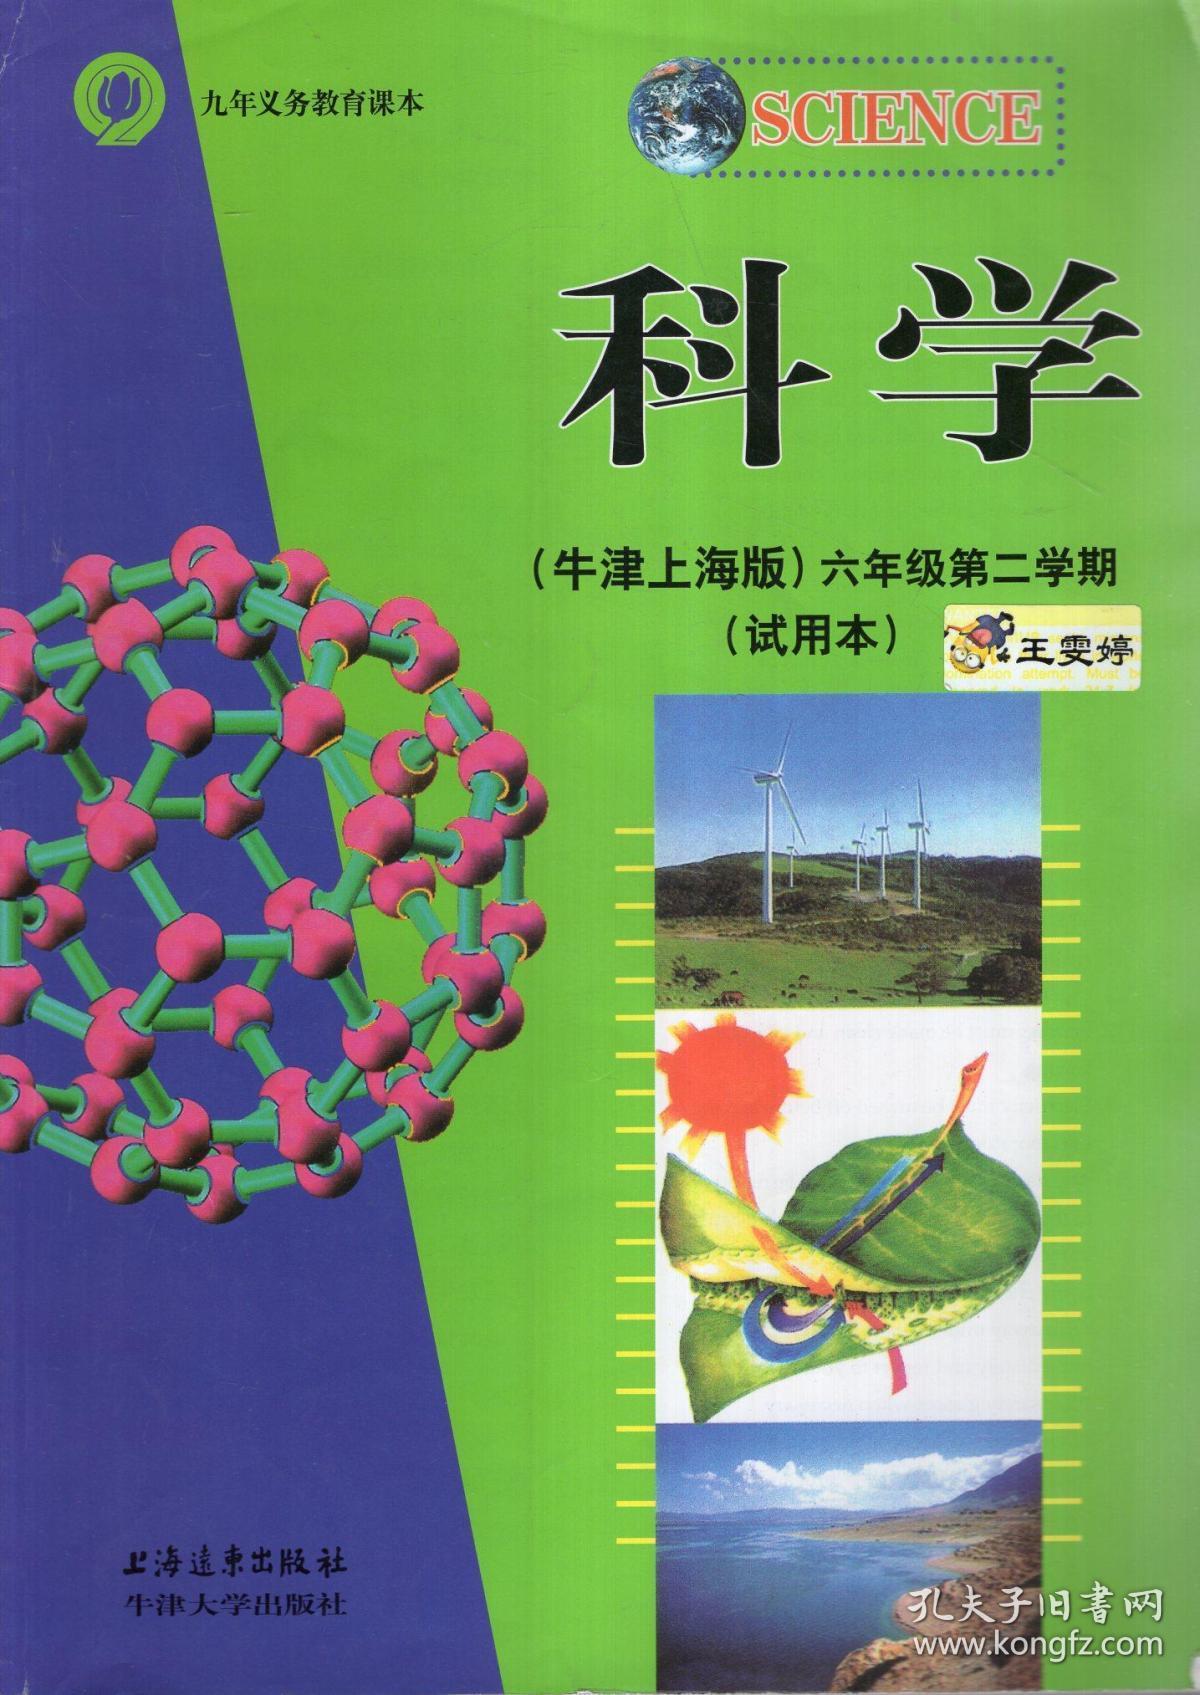 九年义务教育课本:科学(牛津上海版)六年级第一,二学期(试用图片